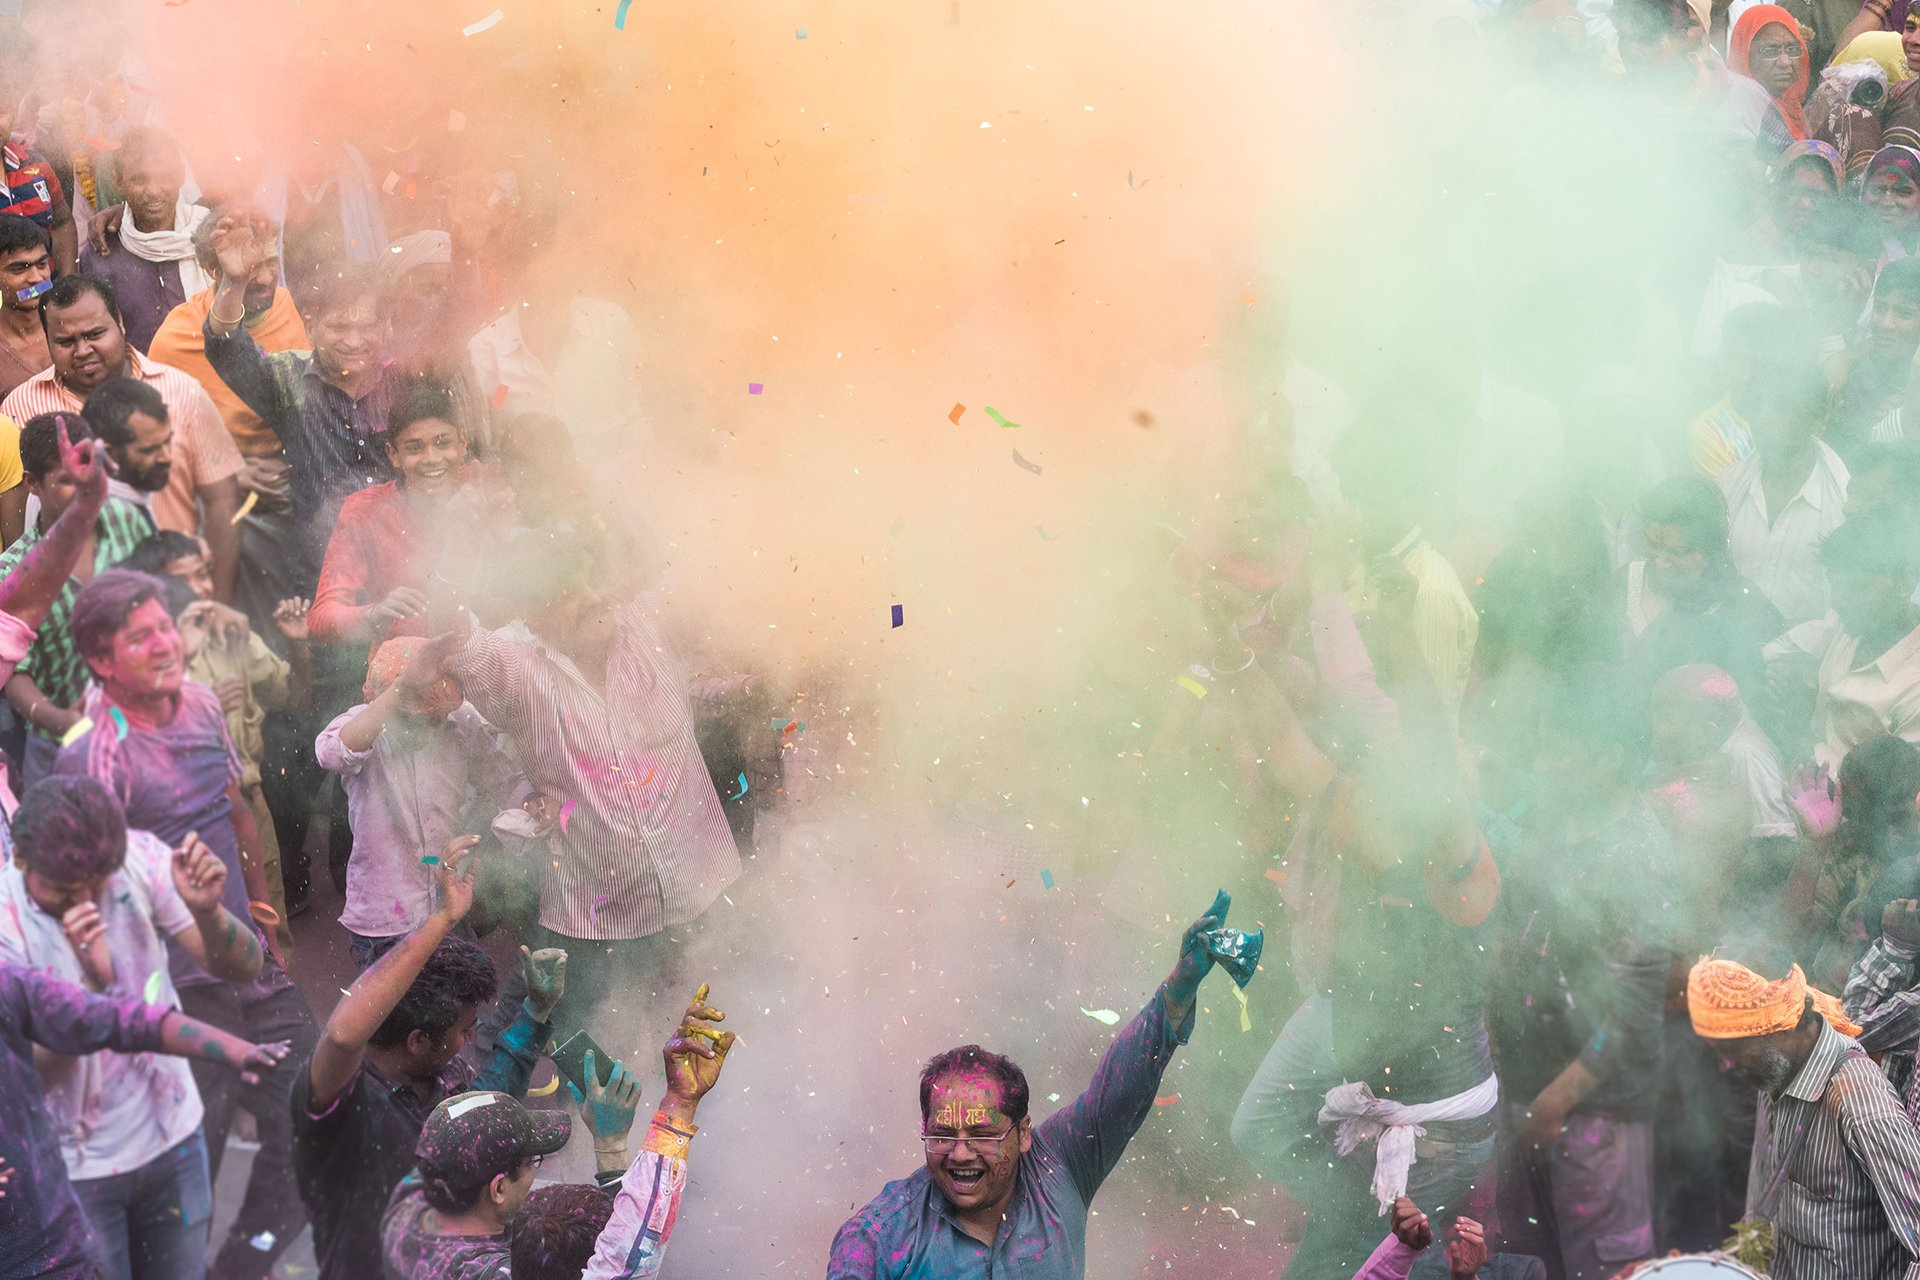 Los aldeanos festejan en el templo Radha Rani en Barsana, a unos 130 kilómetros de Nueva Delhi